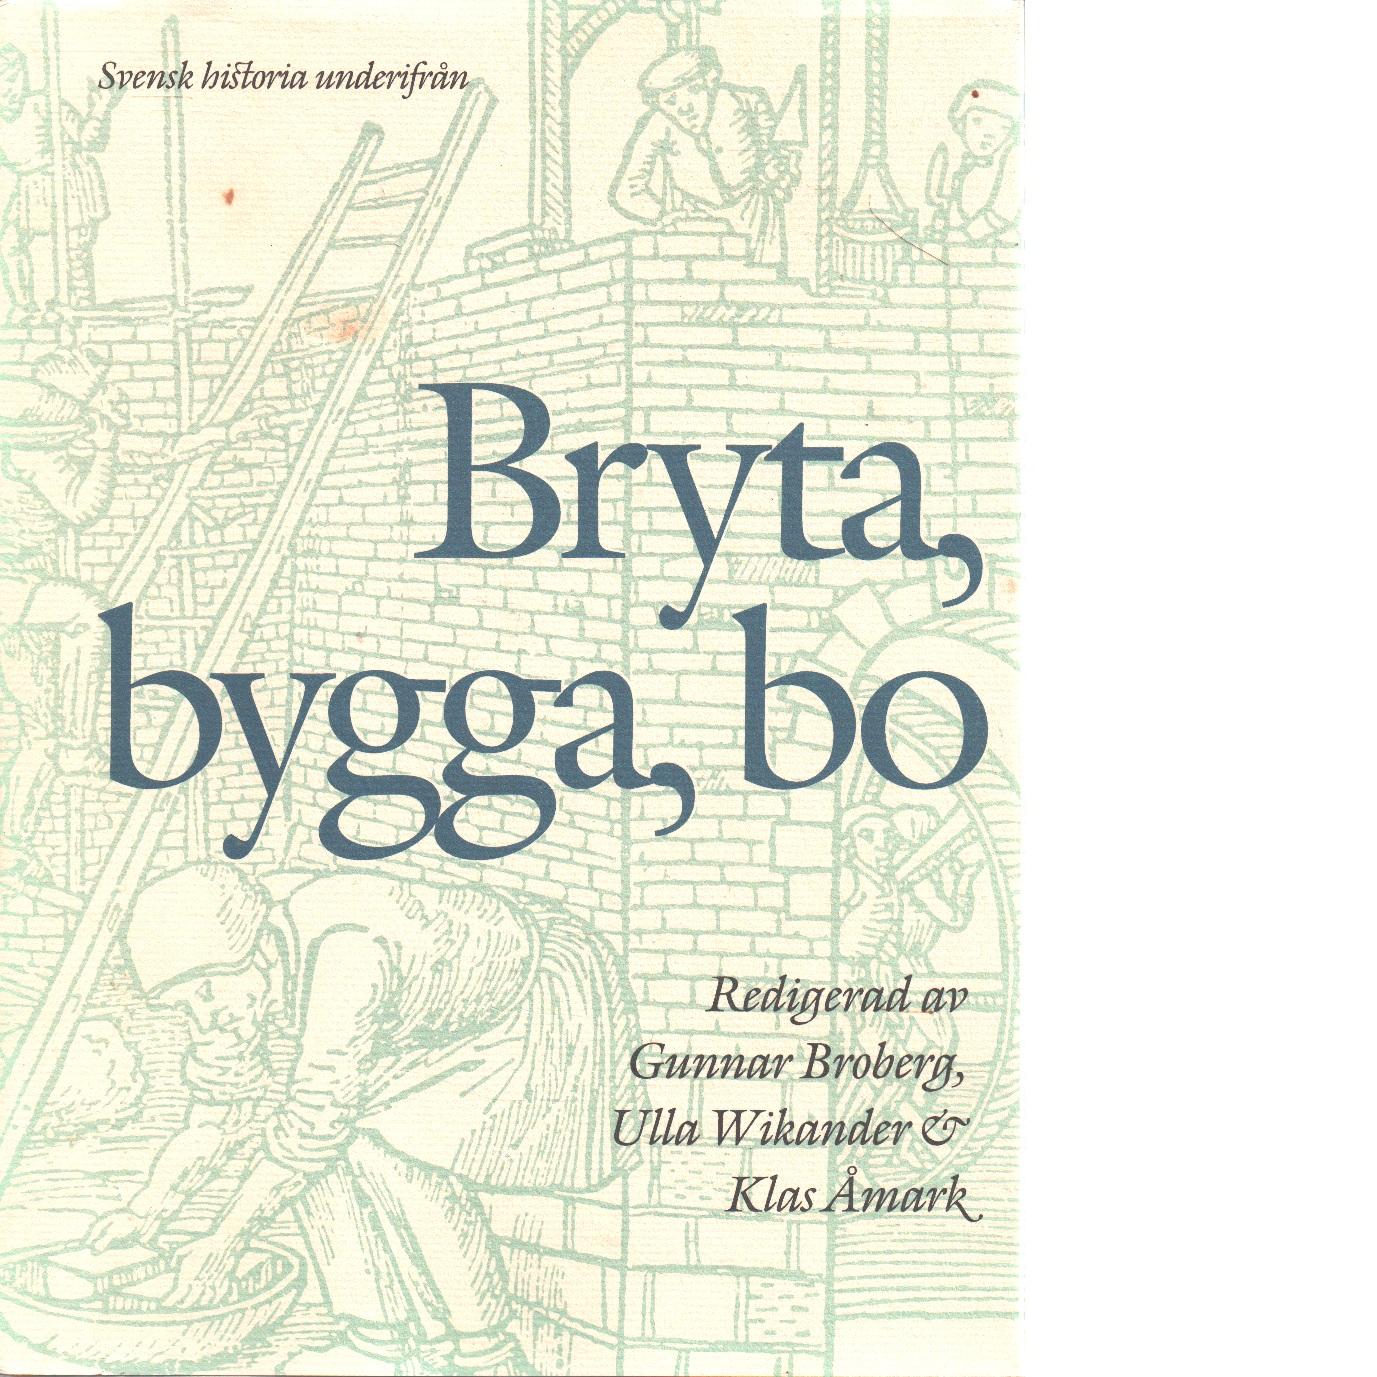 Svensk historia underifrån. [2], Bryta, bygga, bo - Red.